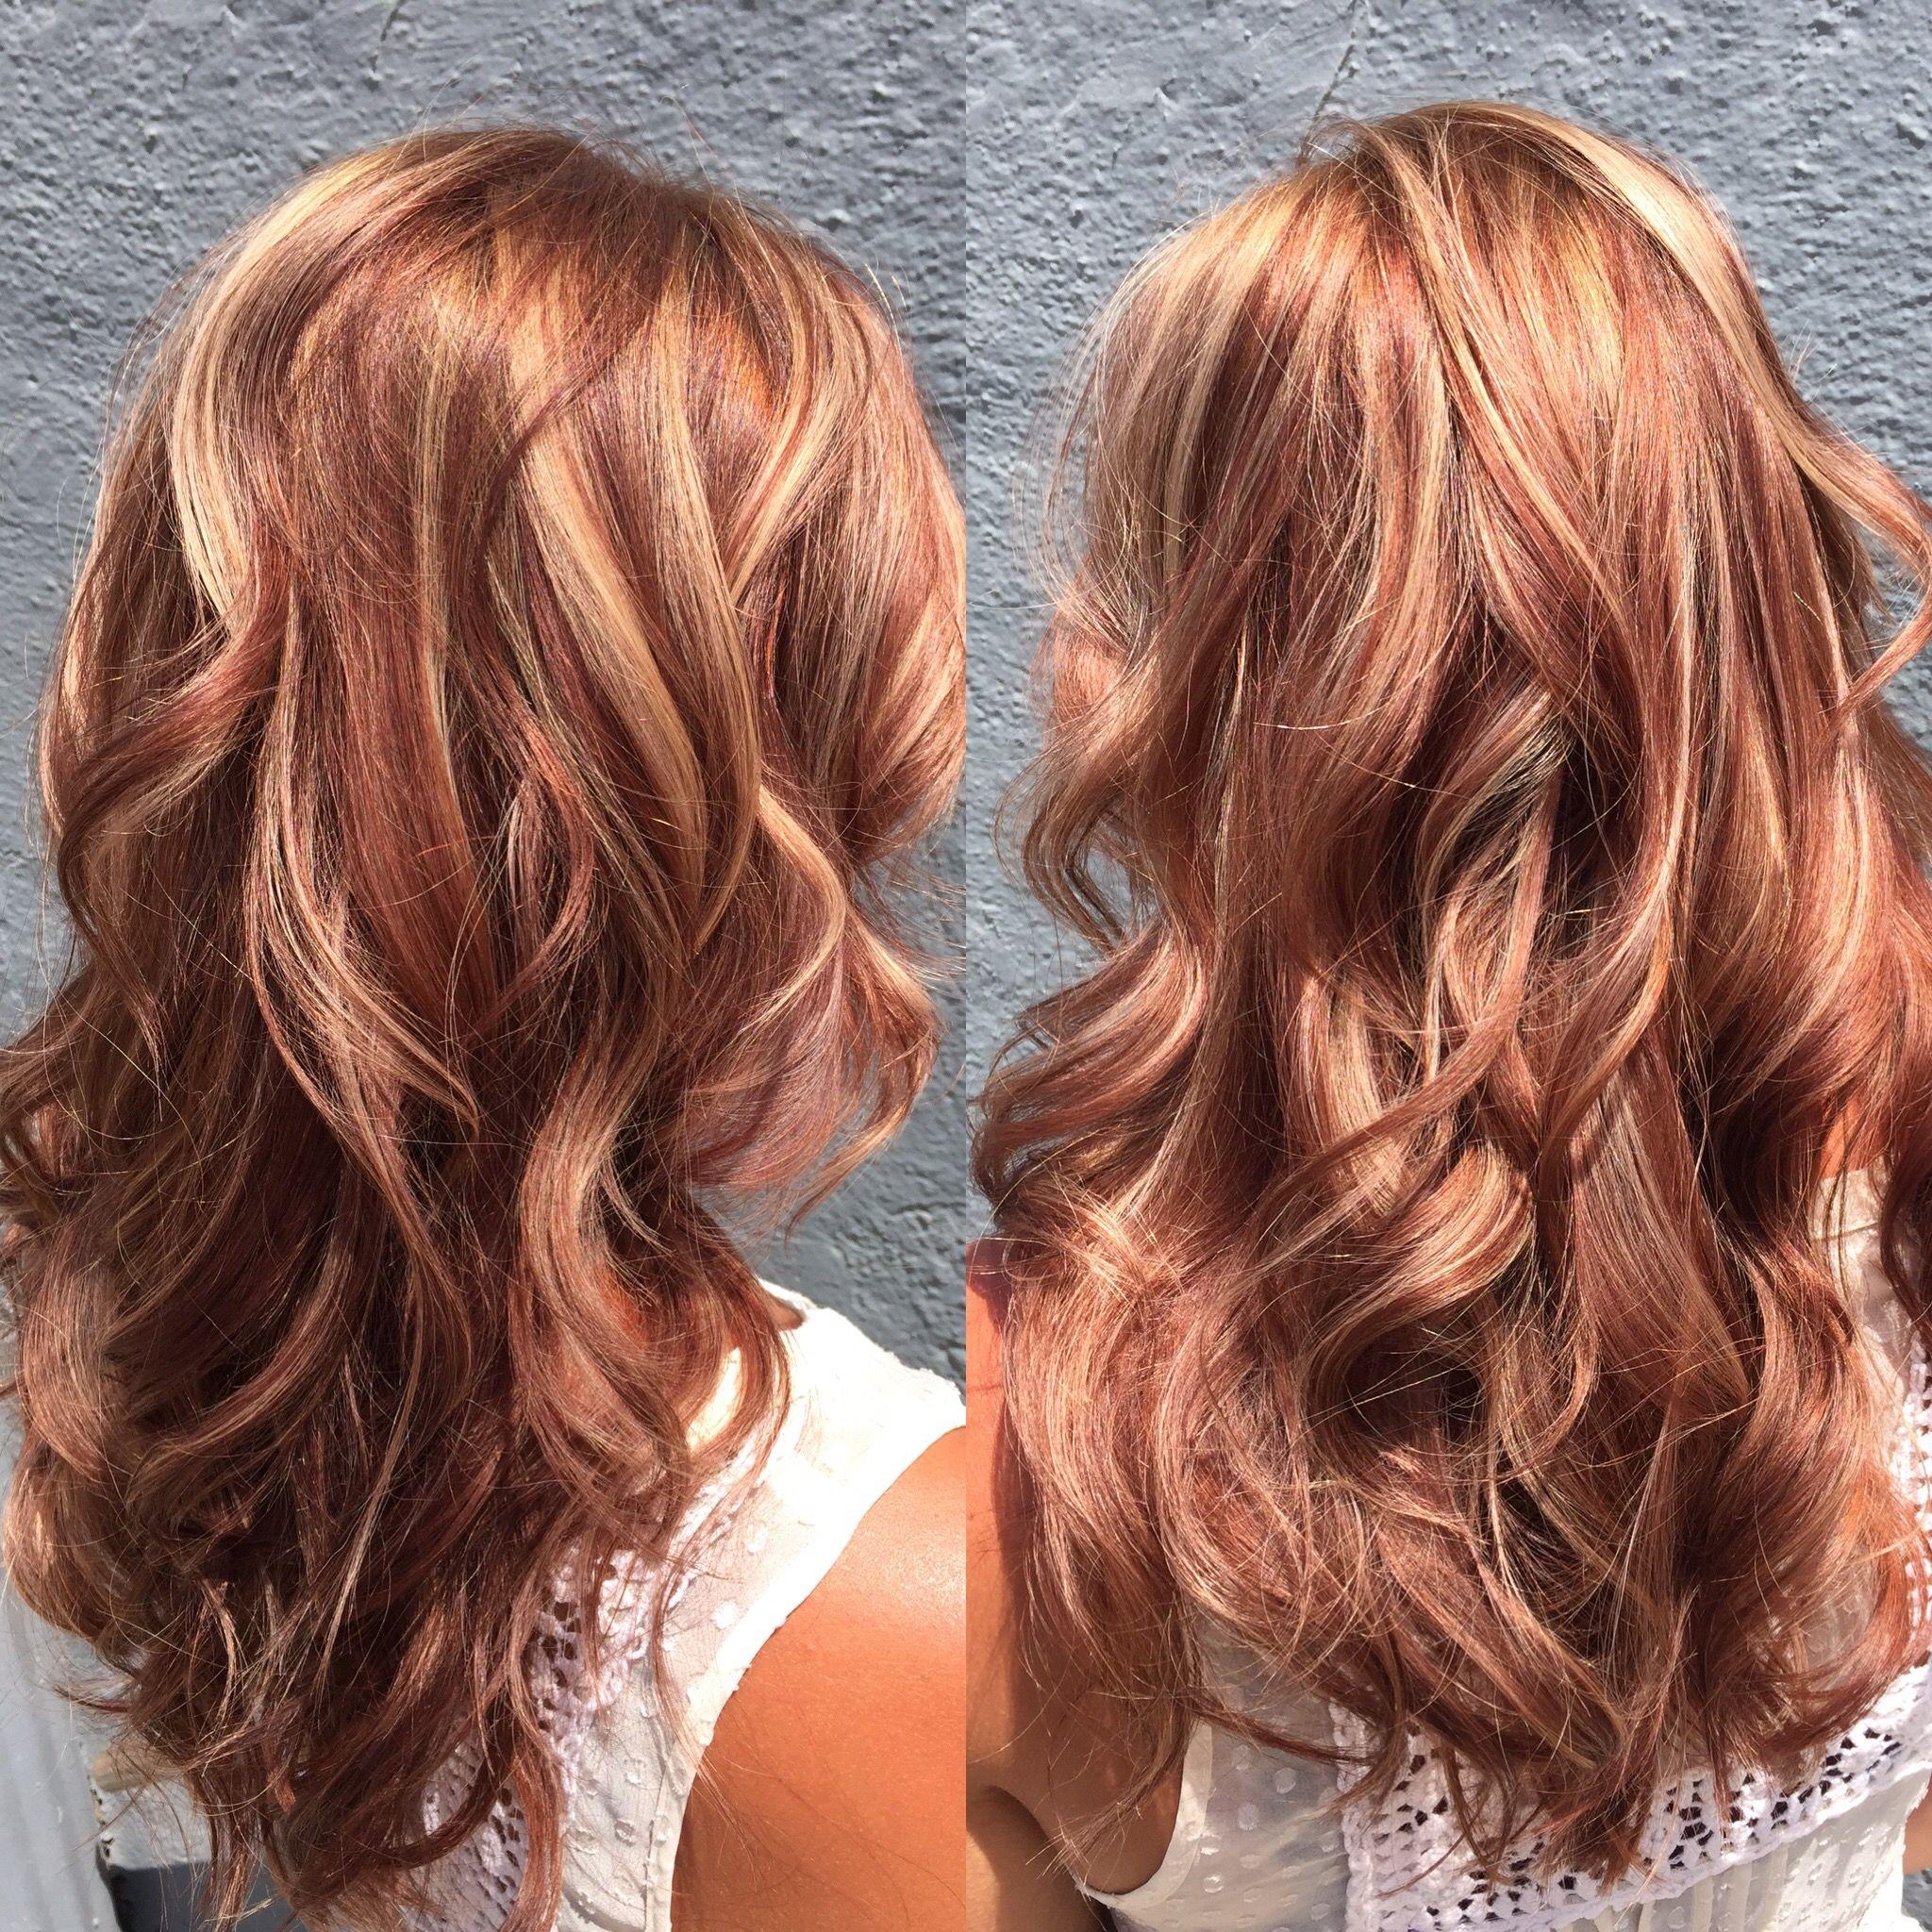 Long Hair With Auburn Highlights   Vtwctr